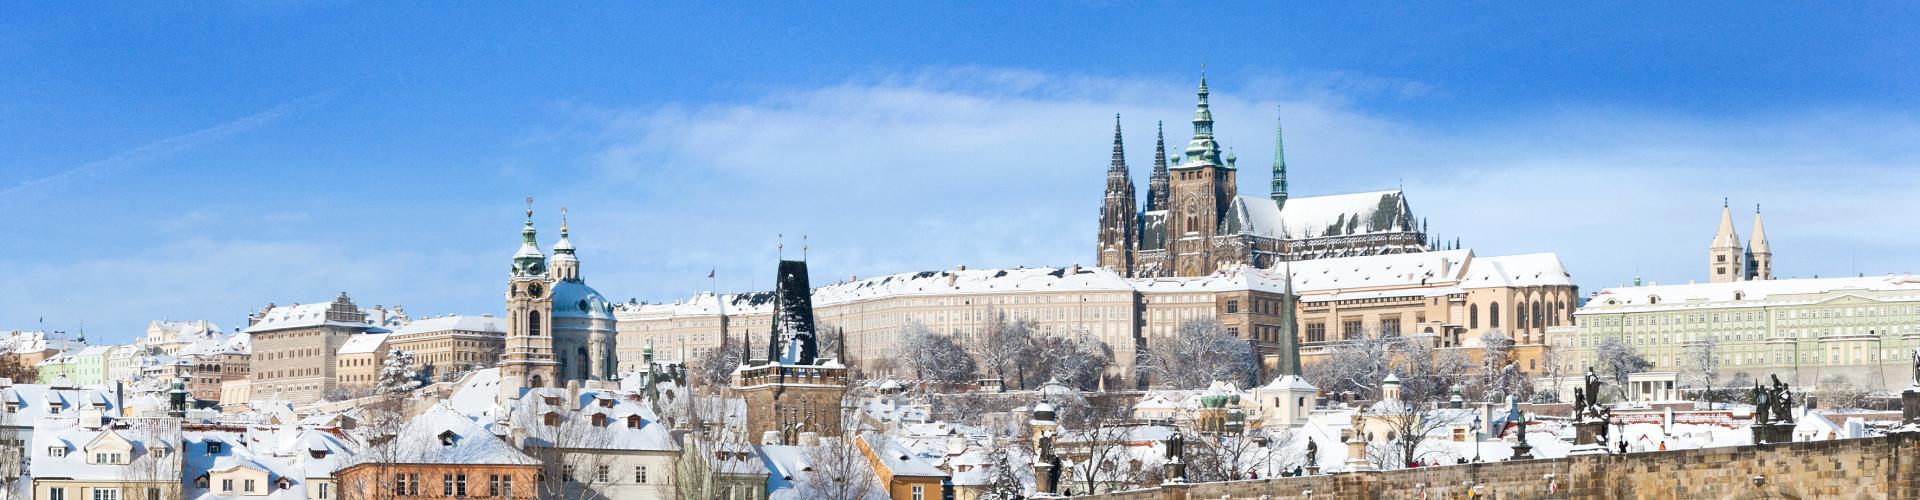 зимние каникулы в Праге eurostudy